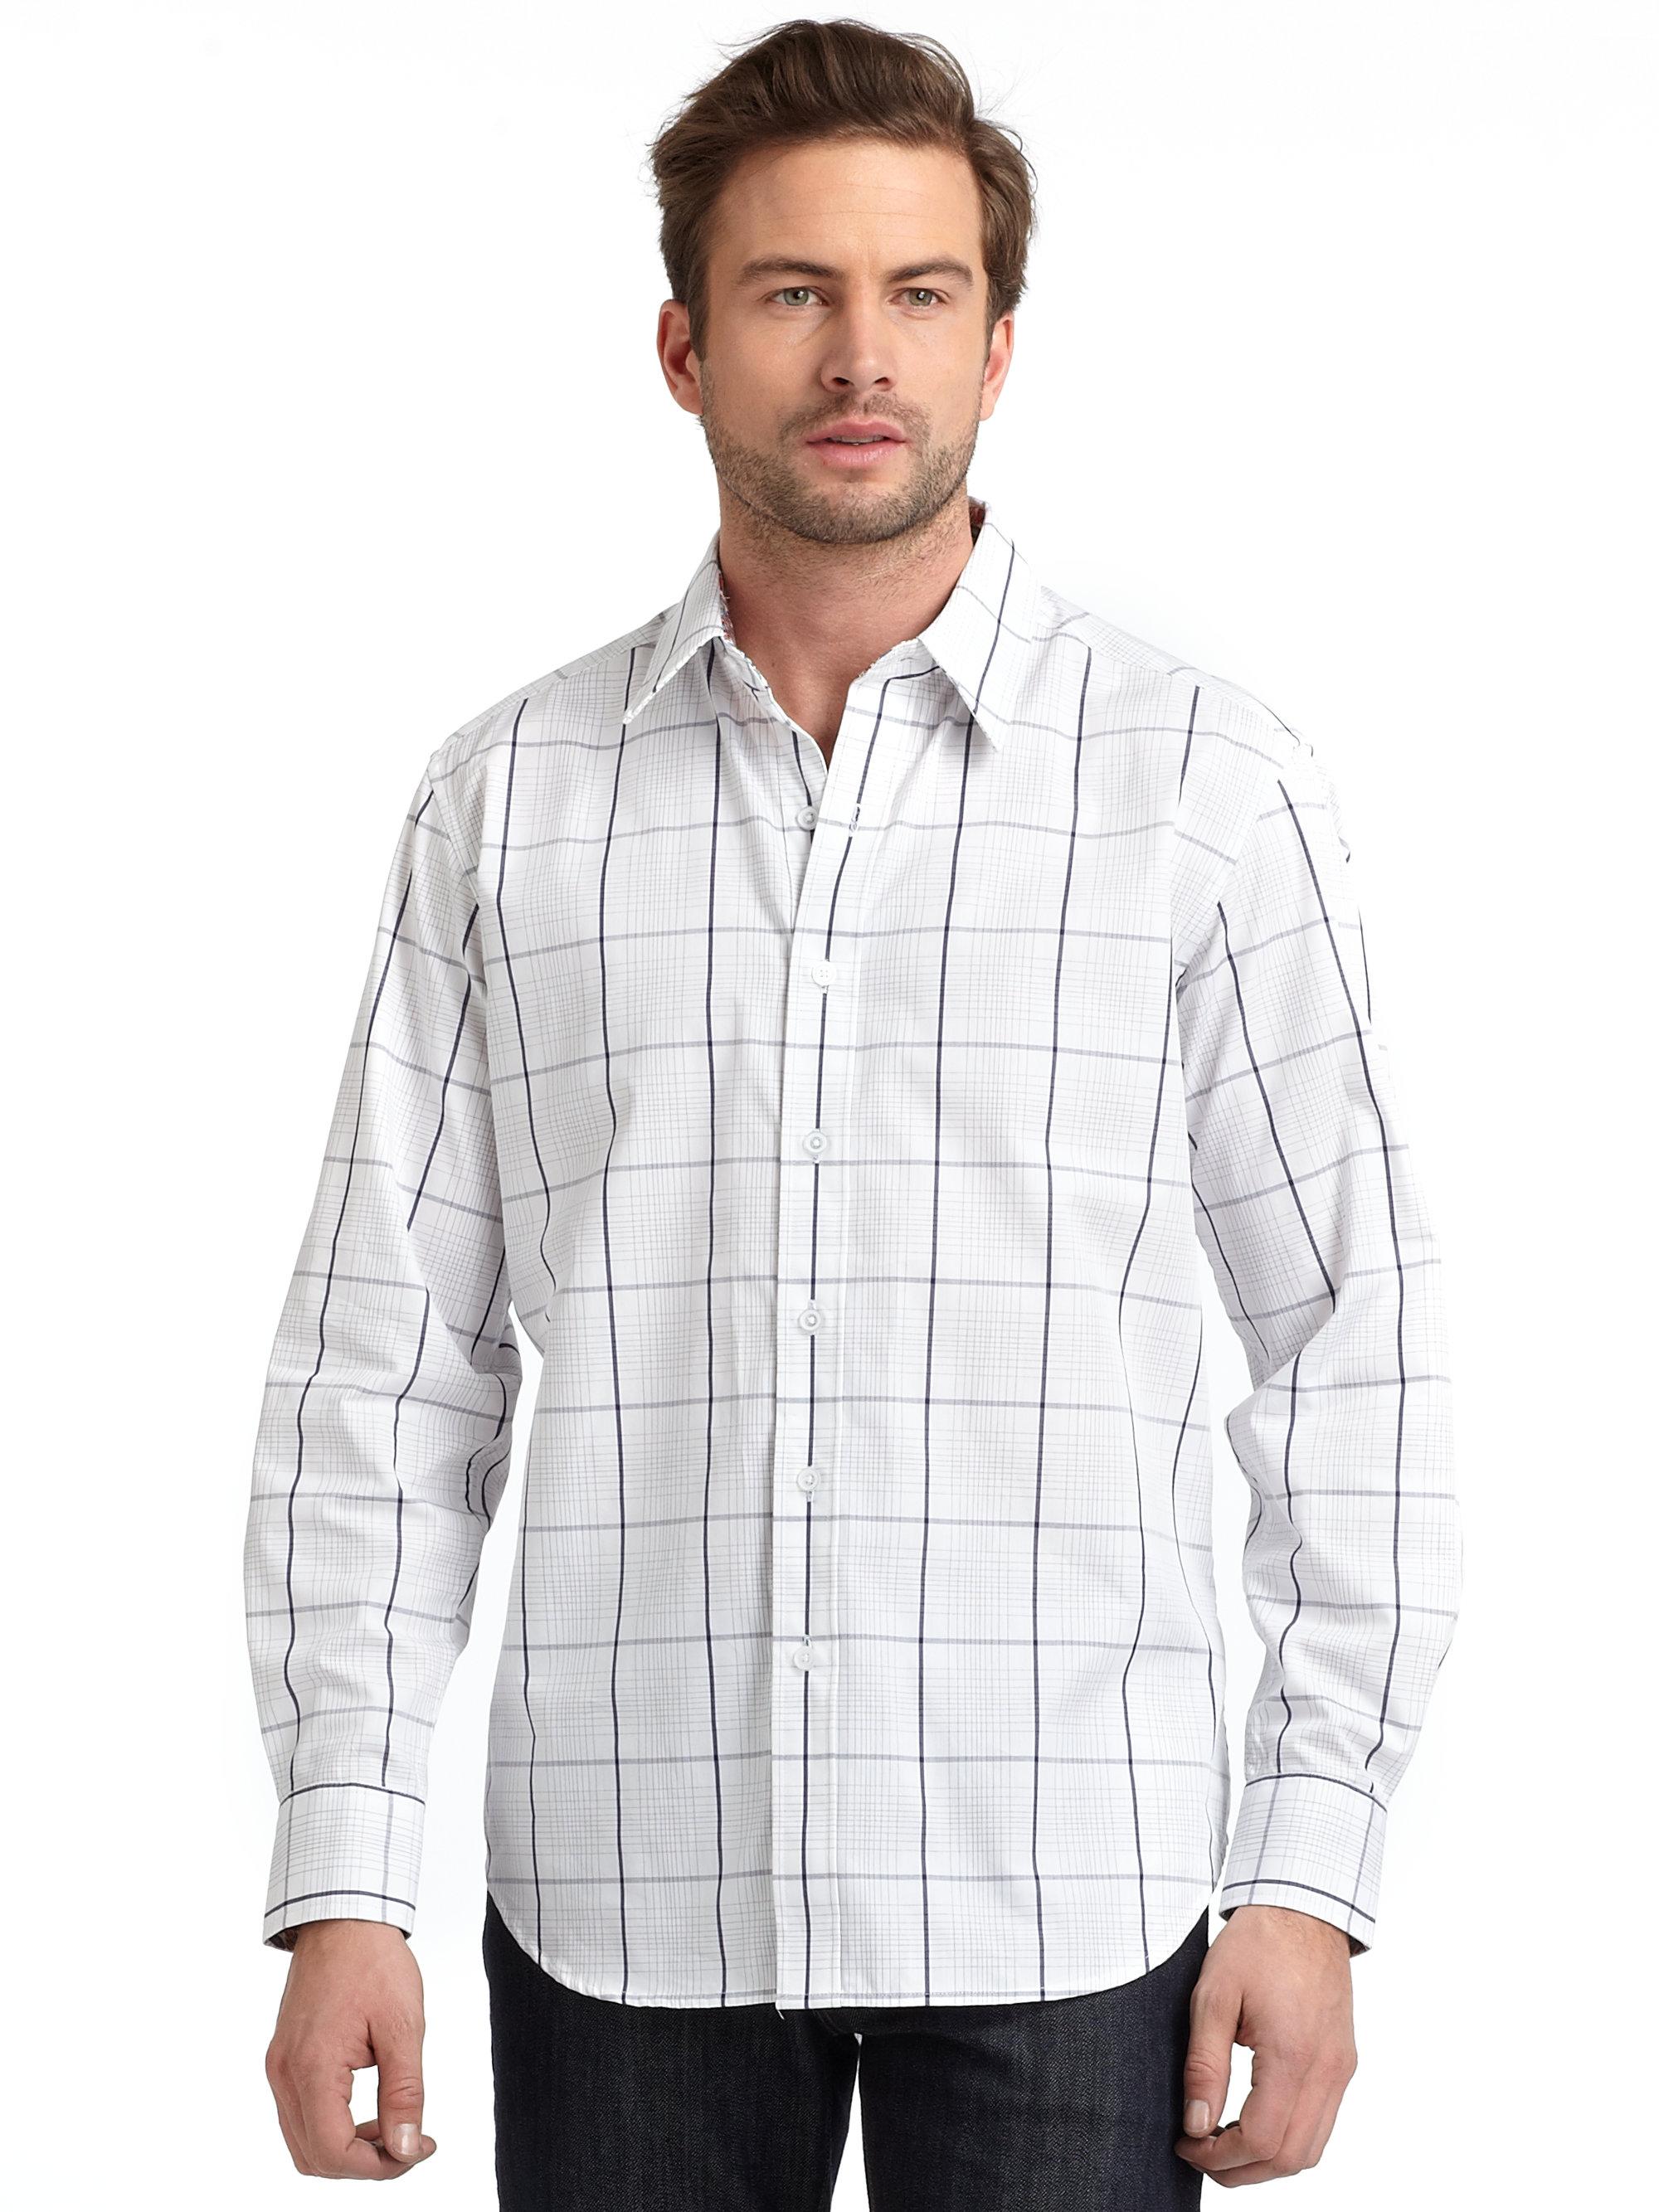 Robert graham Buttondown Shirt in White for Men   Lyst Robert Graham Designer